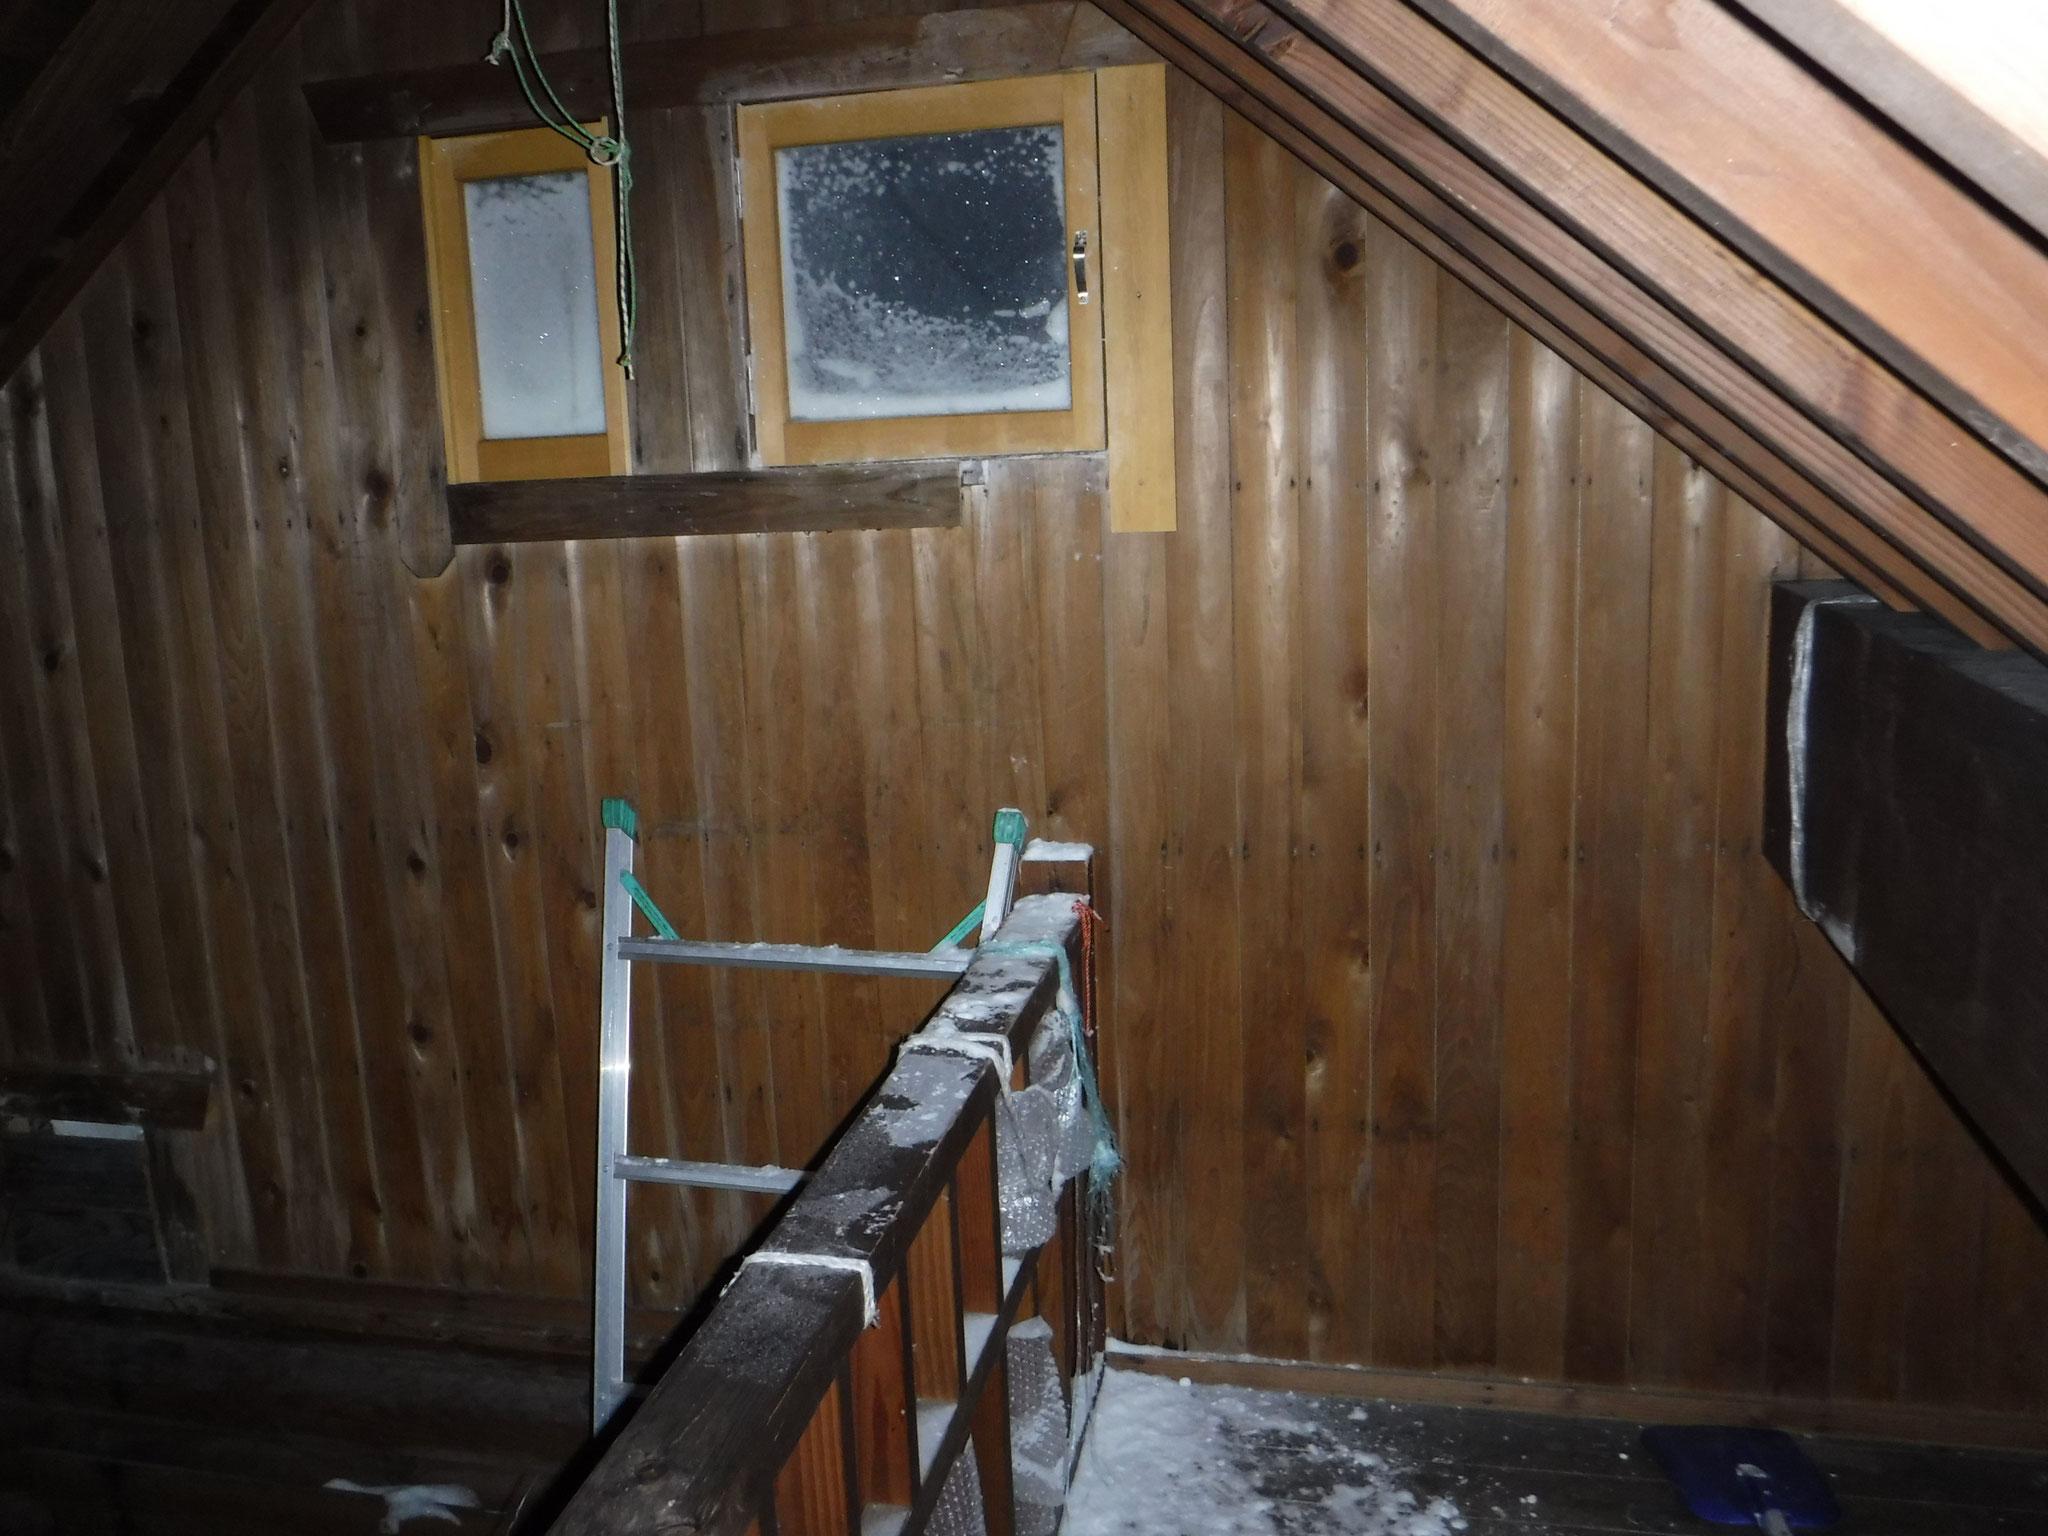 梯子の二段目に足を掛け、欄干またいで、右側の二階床に降りる